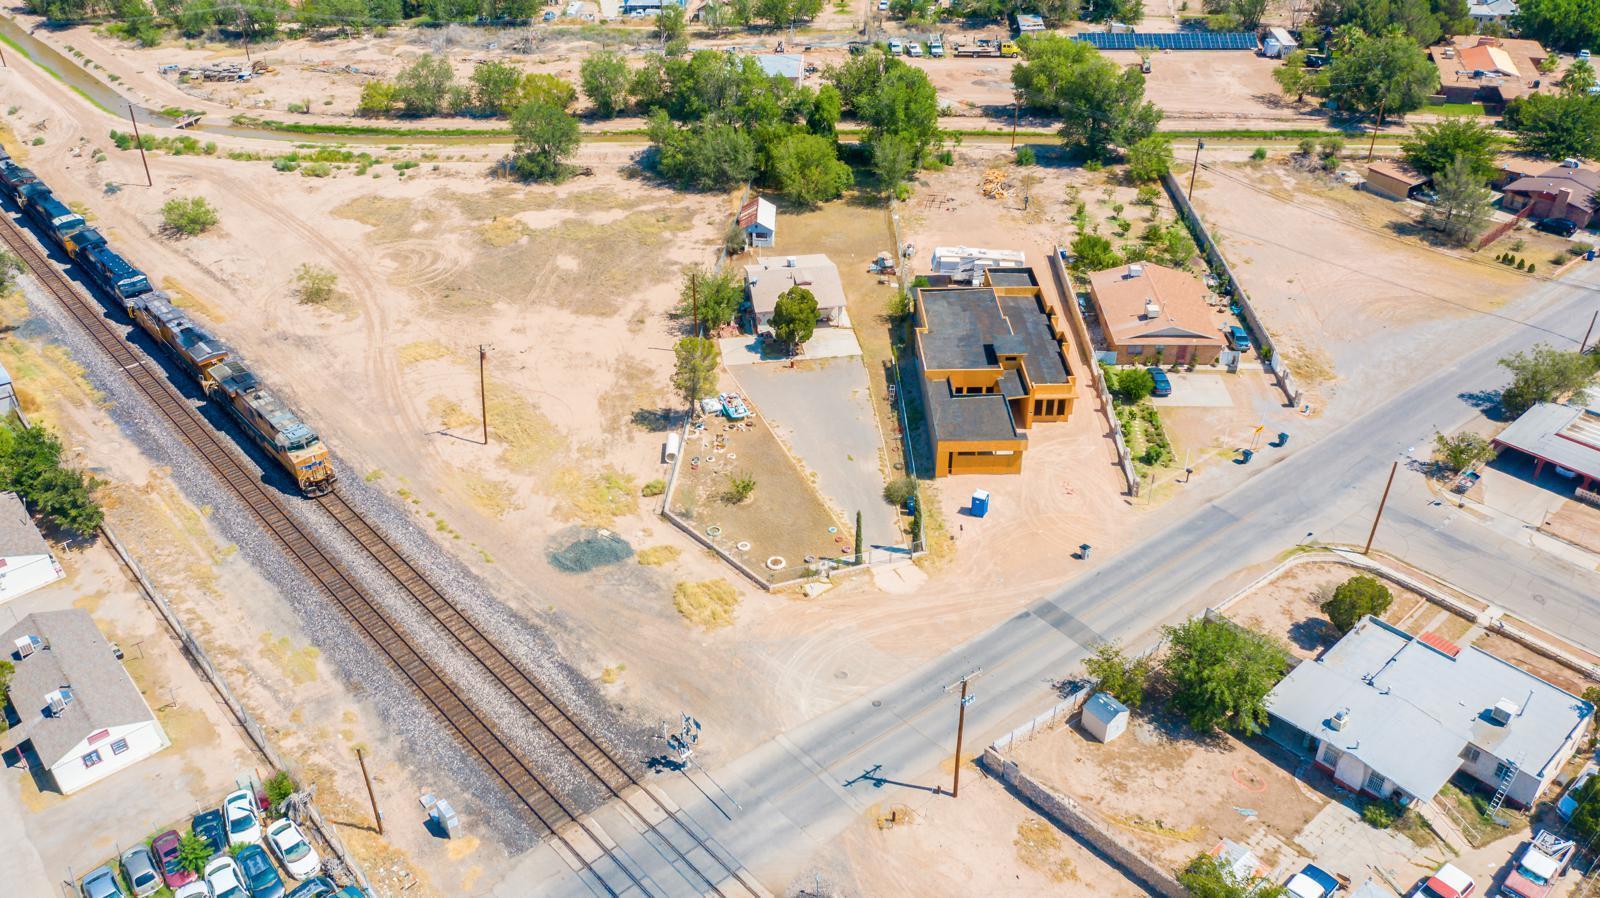 105 LAFAYETTE Drive, El Paso, Texas 79915, ,Land,For sale,LAFAYETTE,843391